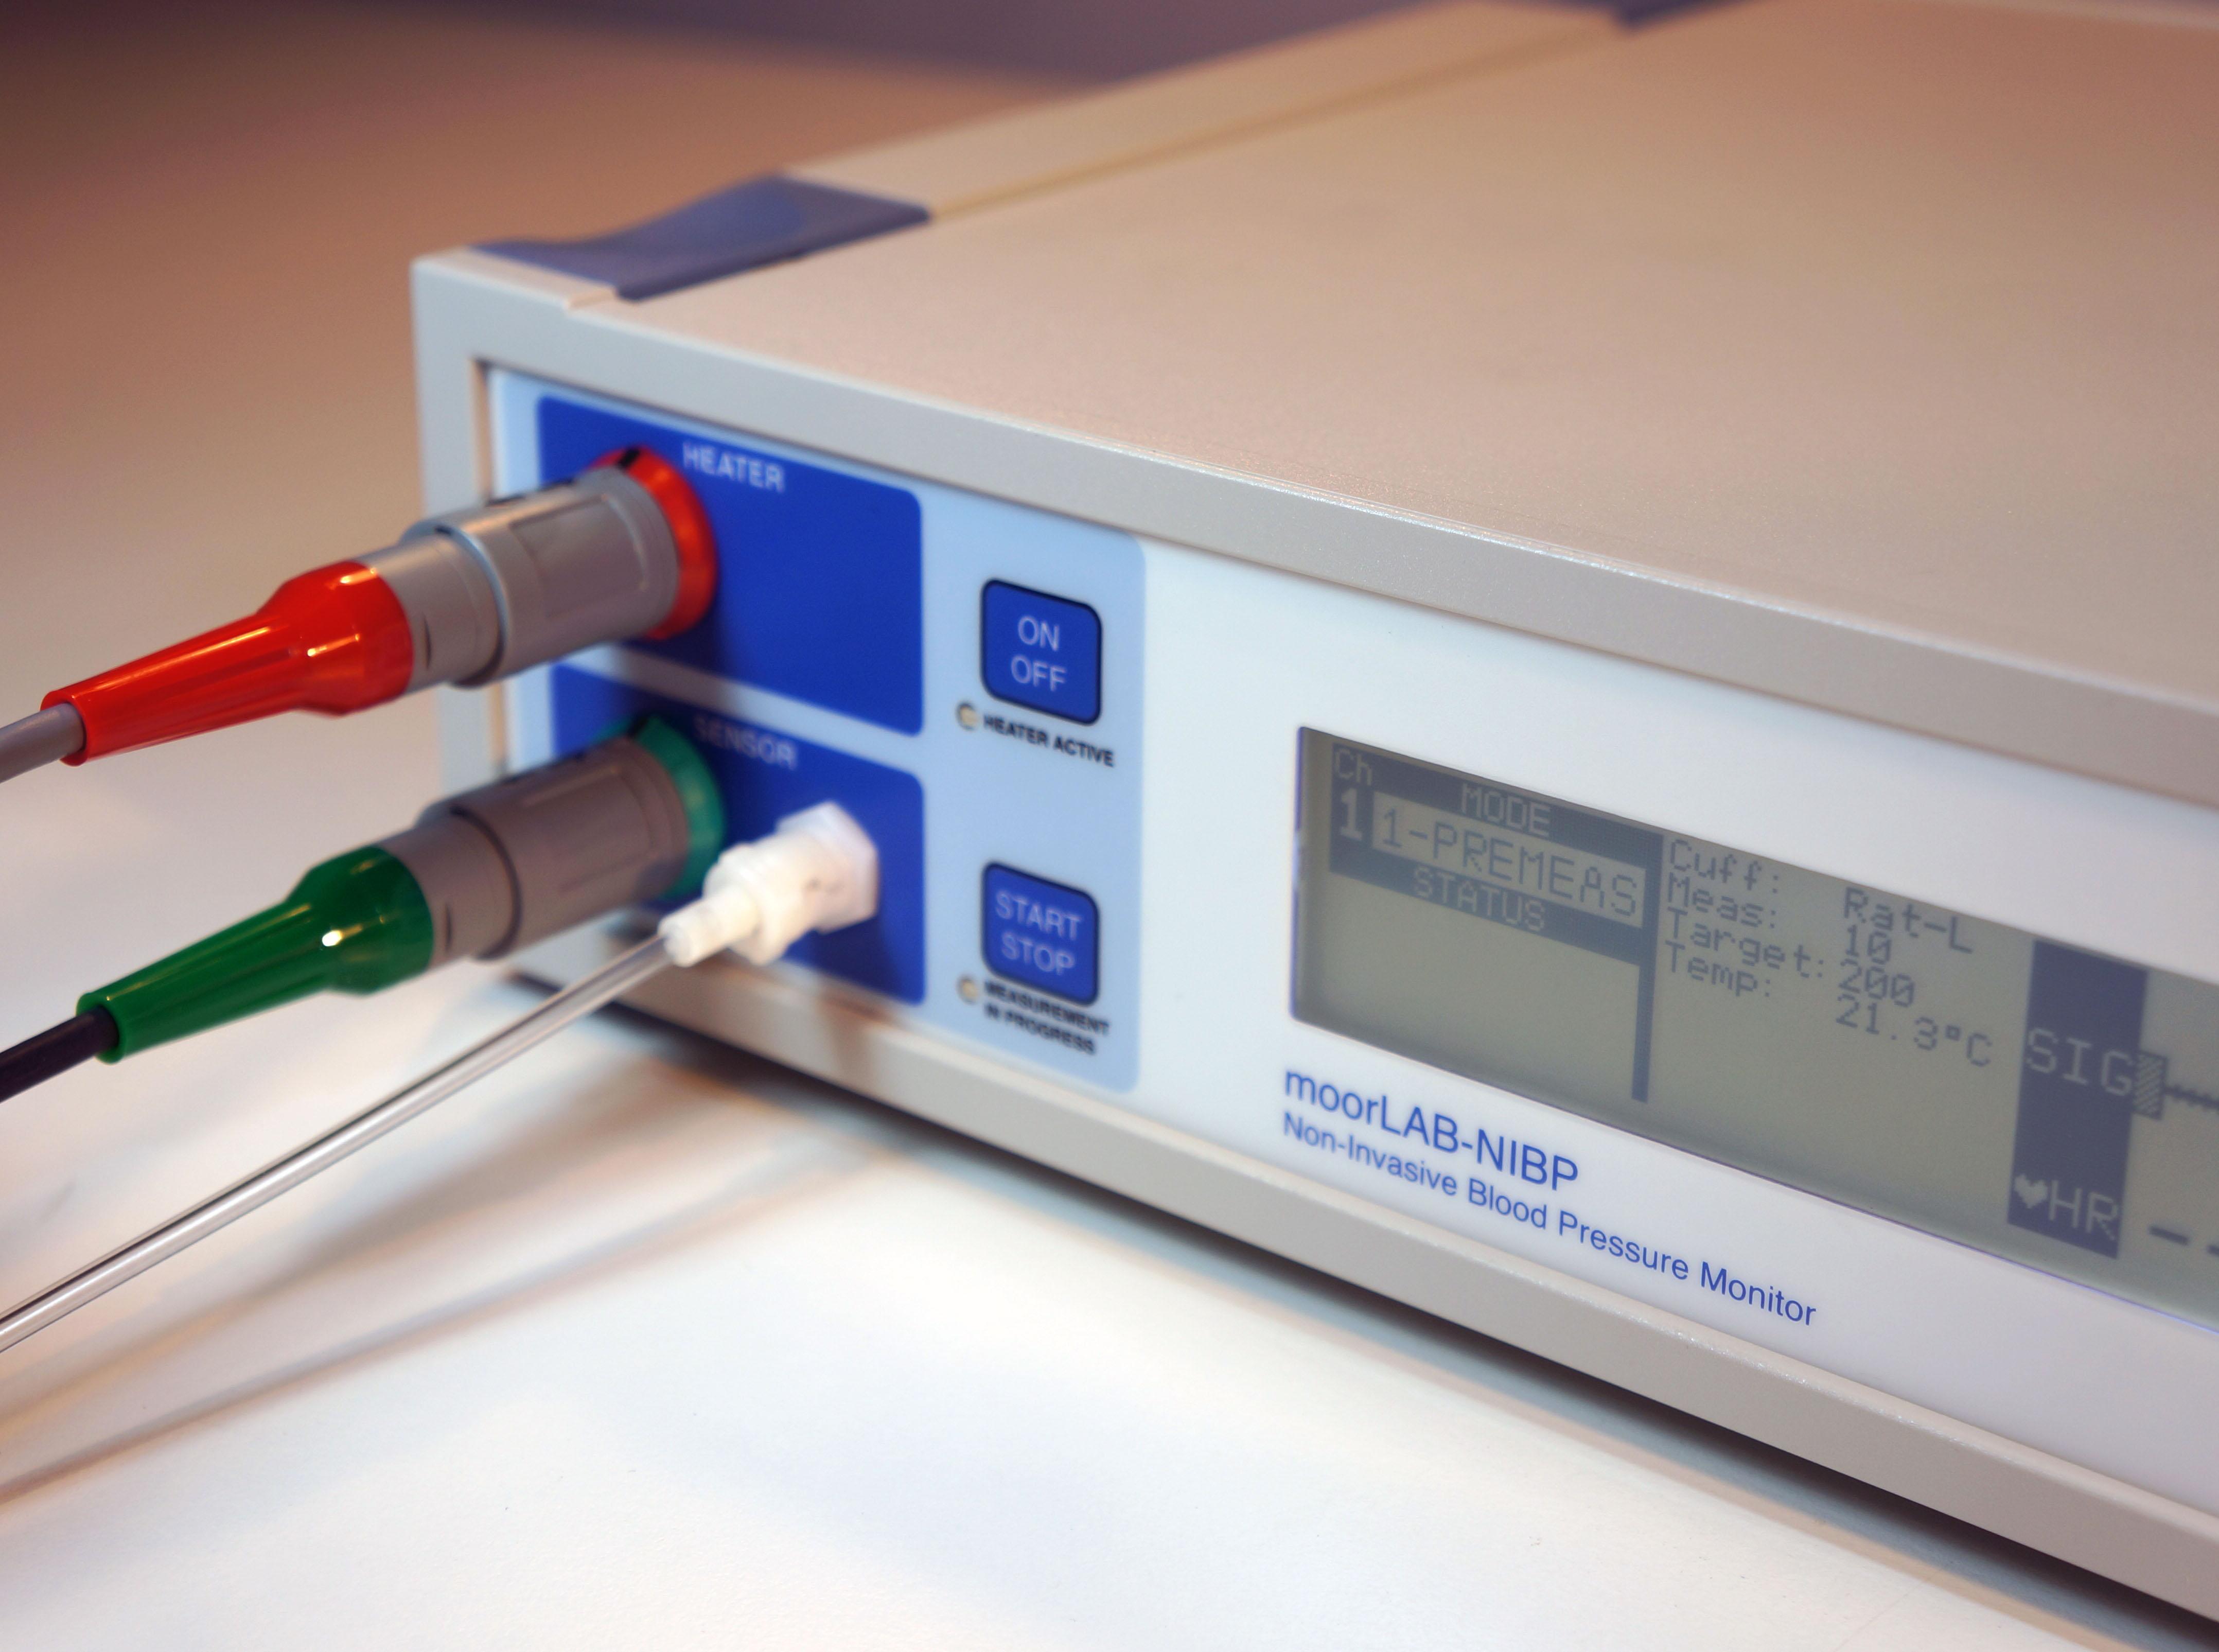 动物无创血压测量系统